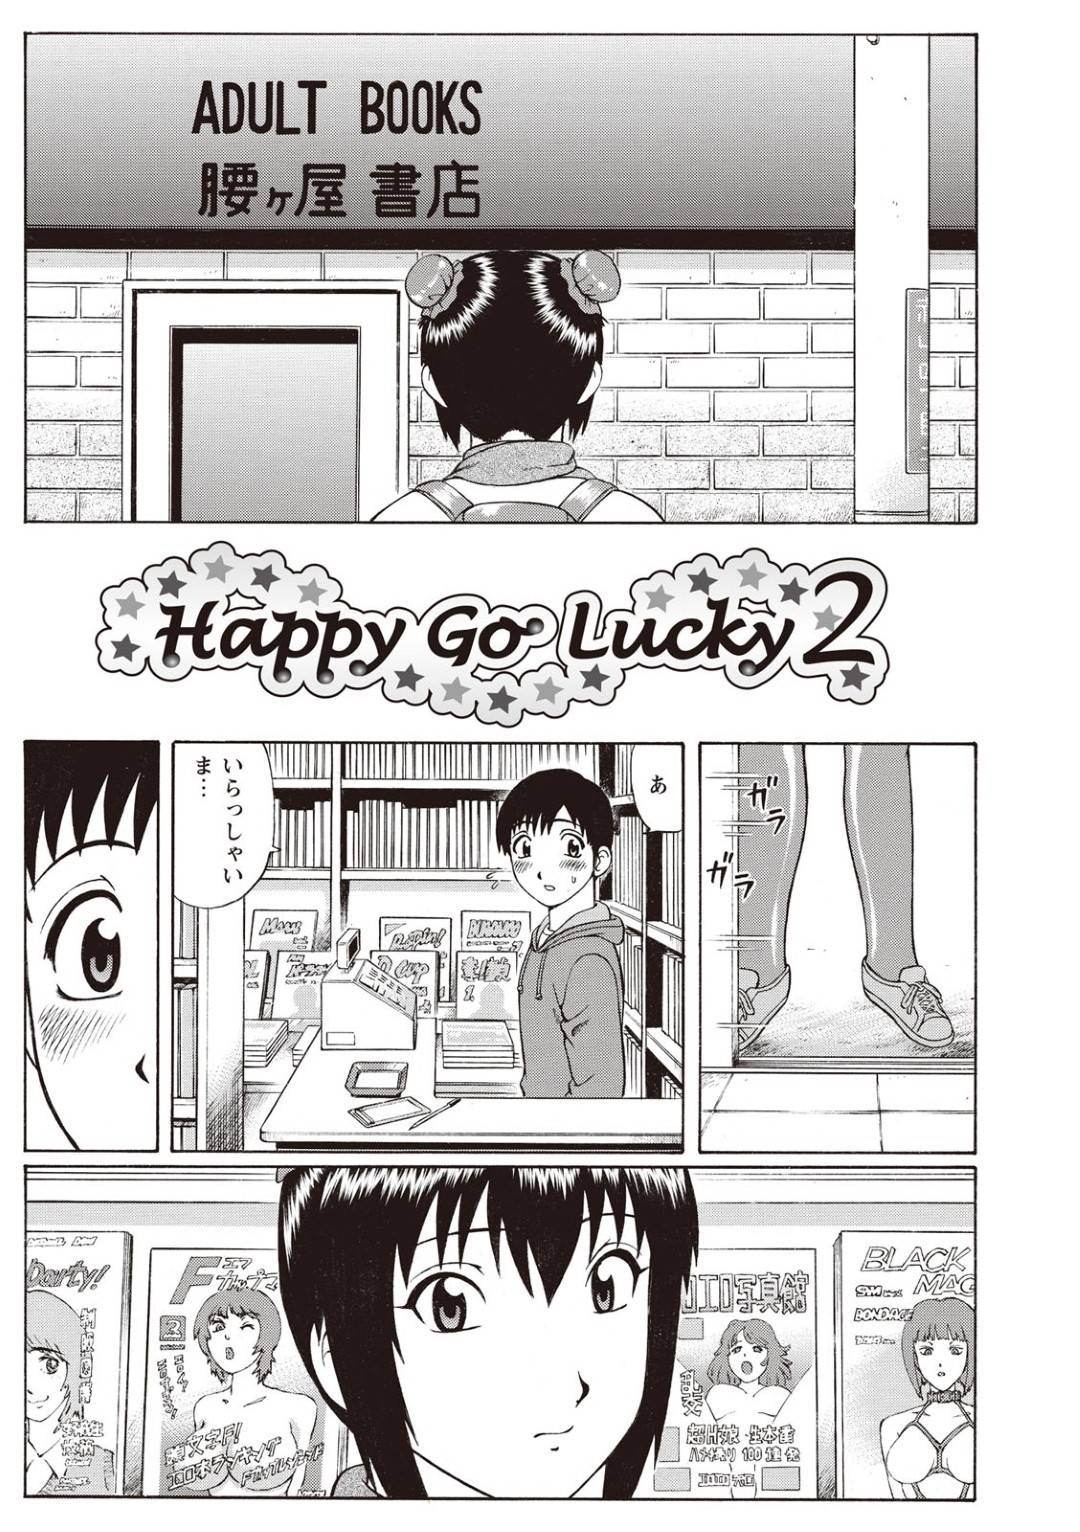 【エロ漫画】エロ本雑誌に自分を載せていることがバレてオナニーを見せ合いたくなっちゃうど変態な美少女…オナニーを見せ合って中出しセックスしちゃってだいしゅきホールドでトロ顔になっちゃう!【にったじゅん:Happy Go Lucky2】